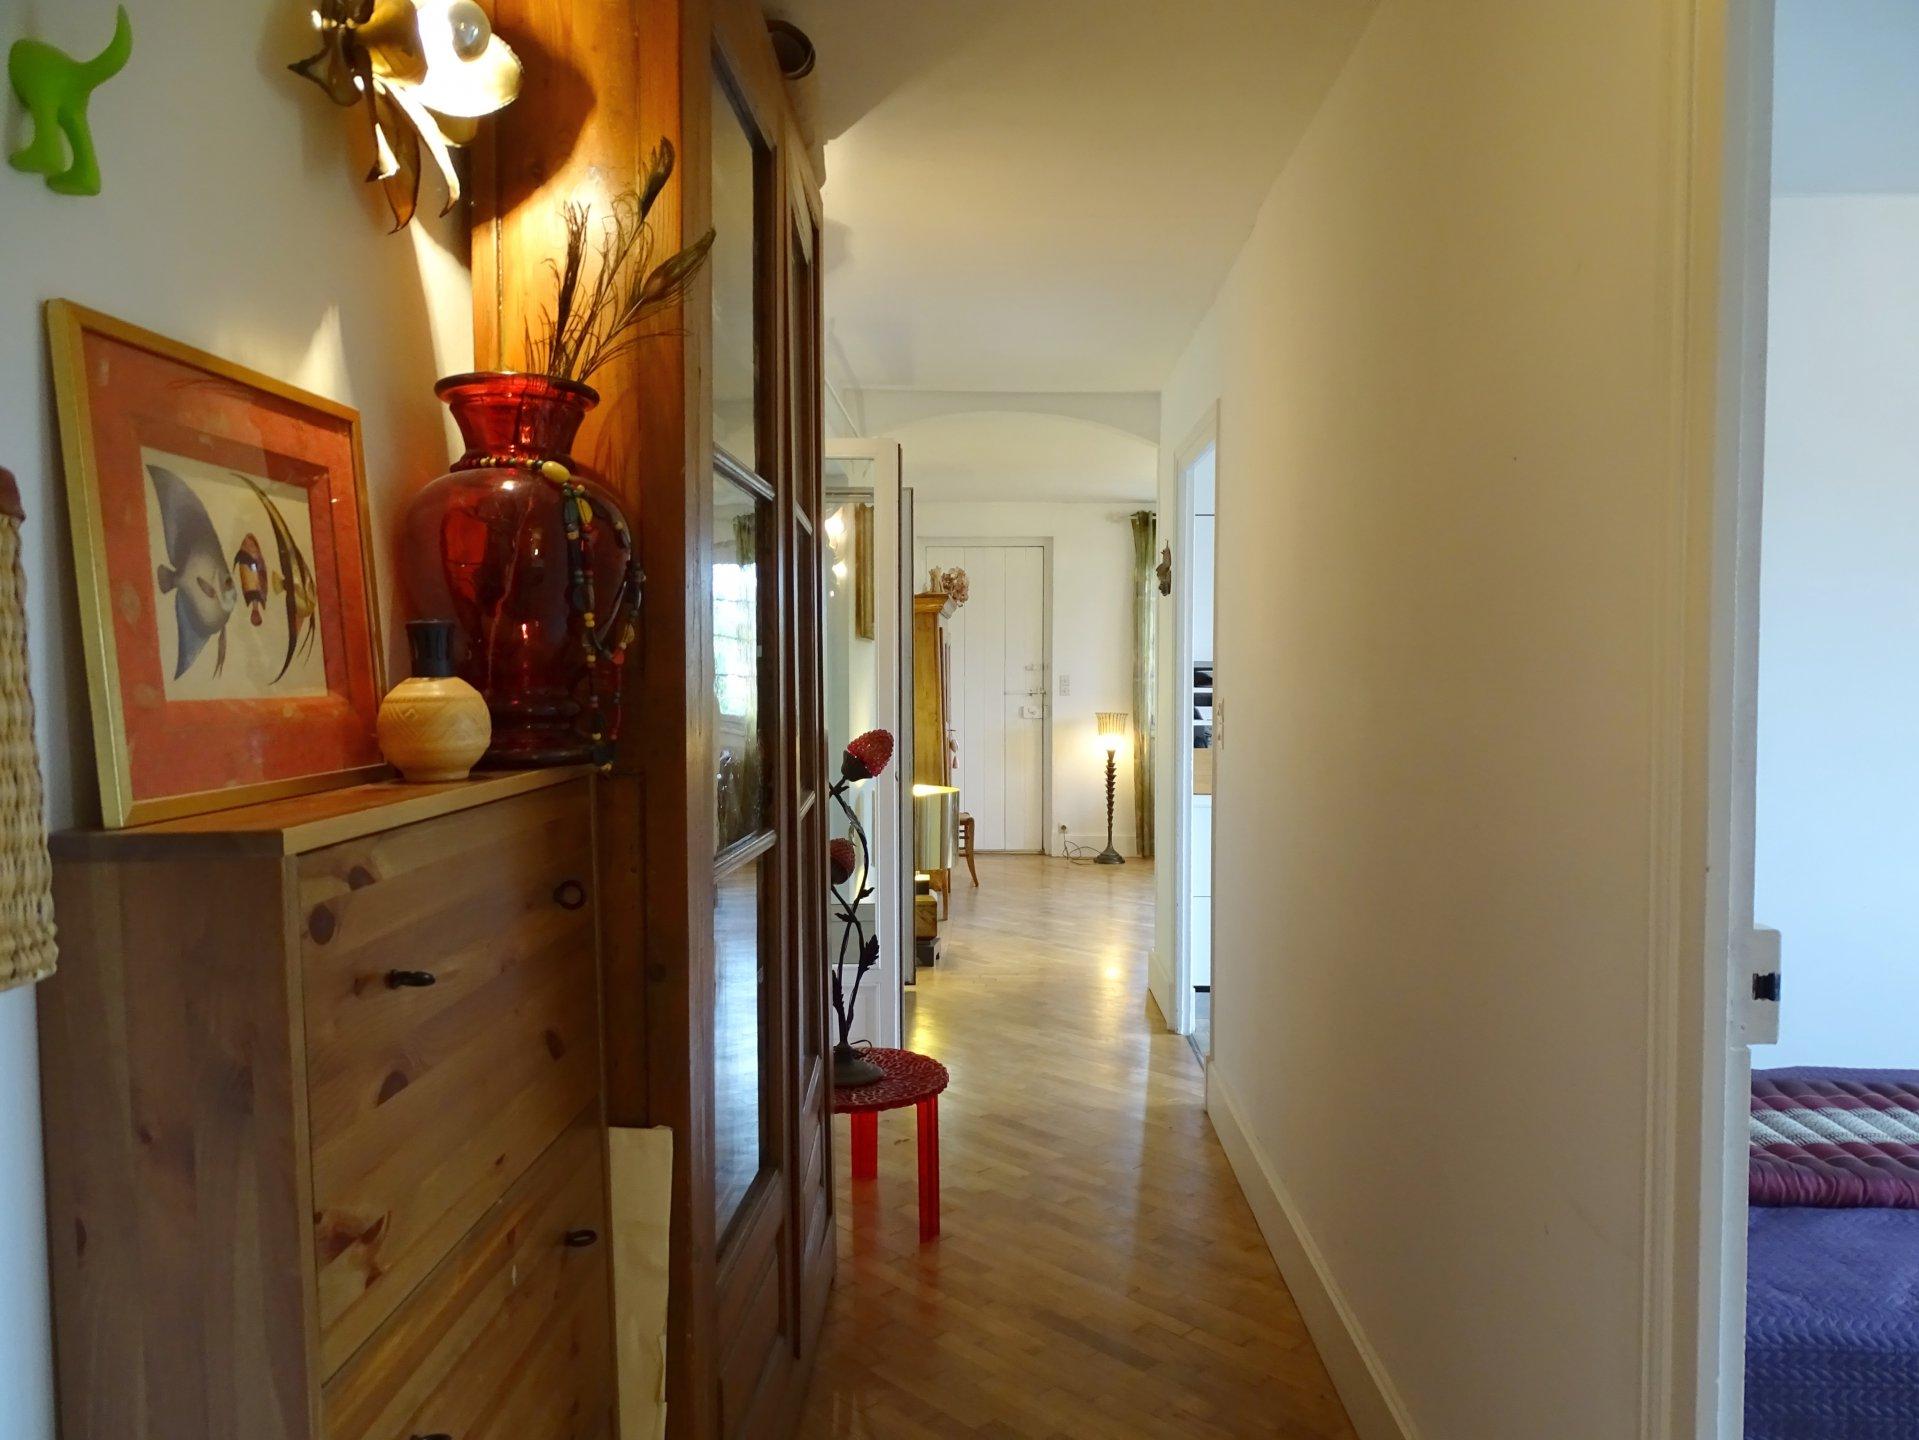 Mâcon, proche des commerces et écoles, venez découvrir cette belle maison rénovée offrant une surface habitable de 150 m² environ. Elle dispose d'une agréable pièce de vie, une cuisine équipée, 3 chambres, une salle d'eau, toilette ainsi qu'une grande terrasse de 50 m² à l'étage. Au rez-de-chaussée, vous trouverez deux appartements de 31.5 m² et 36 m² (possibilité de les réunir). Ils disposent d'une chambre, une salle d'eau, toilette, ainsi qu'une cuisine/kitchenette. Aucun travaux à prévoir, prestations de qualités: panneaux solaires, chaudière gaz à condensation, faibles consommations énergétiques, double vitrage, toiture de 2007, isolation des combles etc... Le tout est implanté sur un terrain clos de 1550 m². Honoraires à la charge du vendeur.